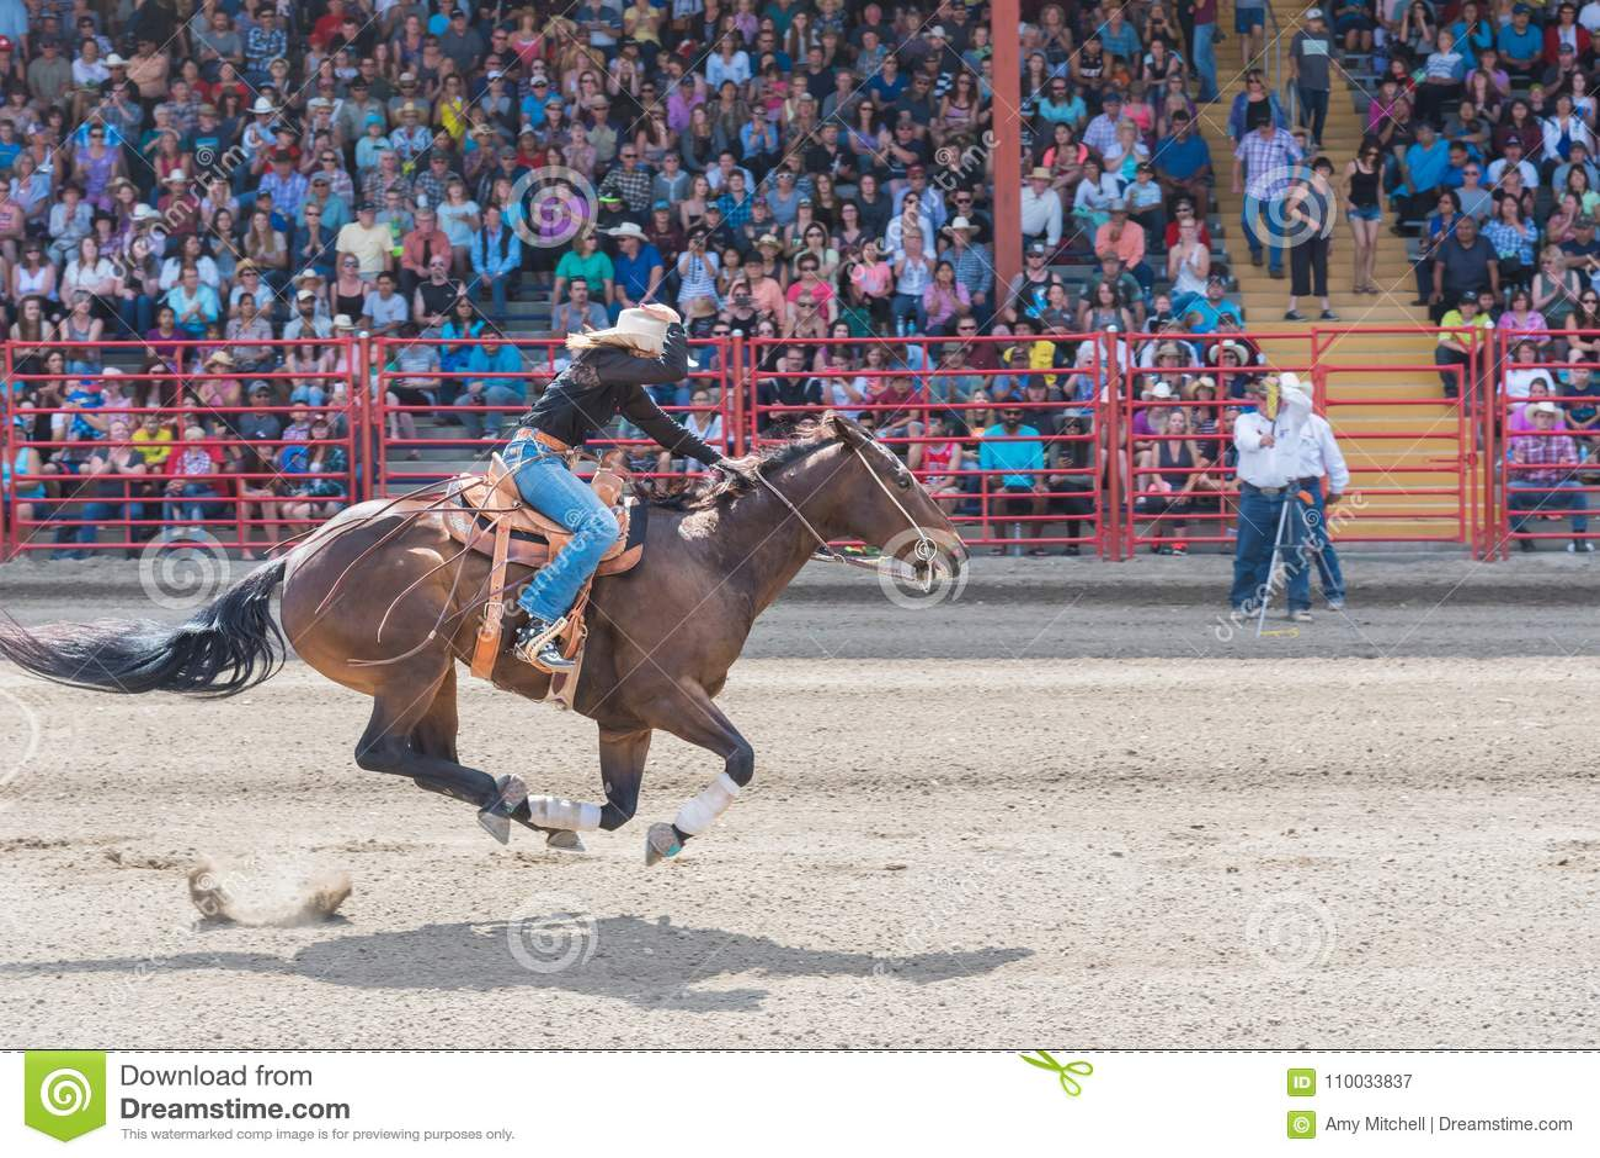 Veedrijfster en paardenkoers om lijn bij vat het rennen de concurrentie te beëindigen